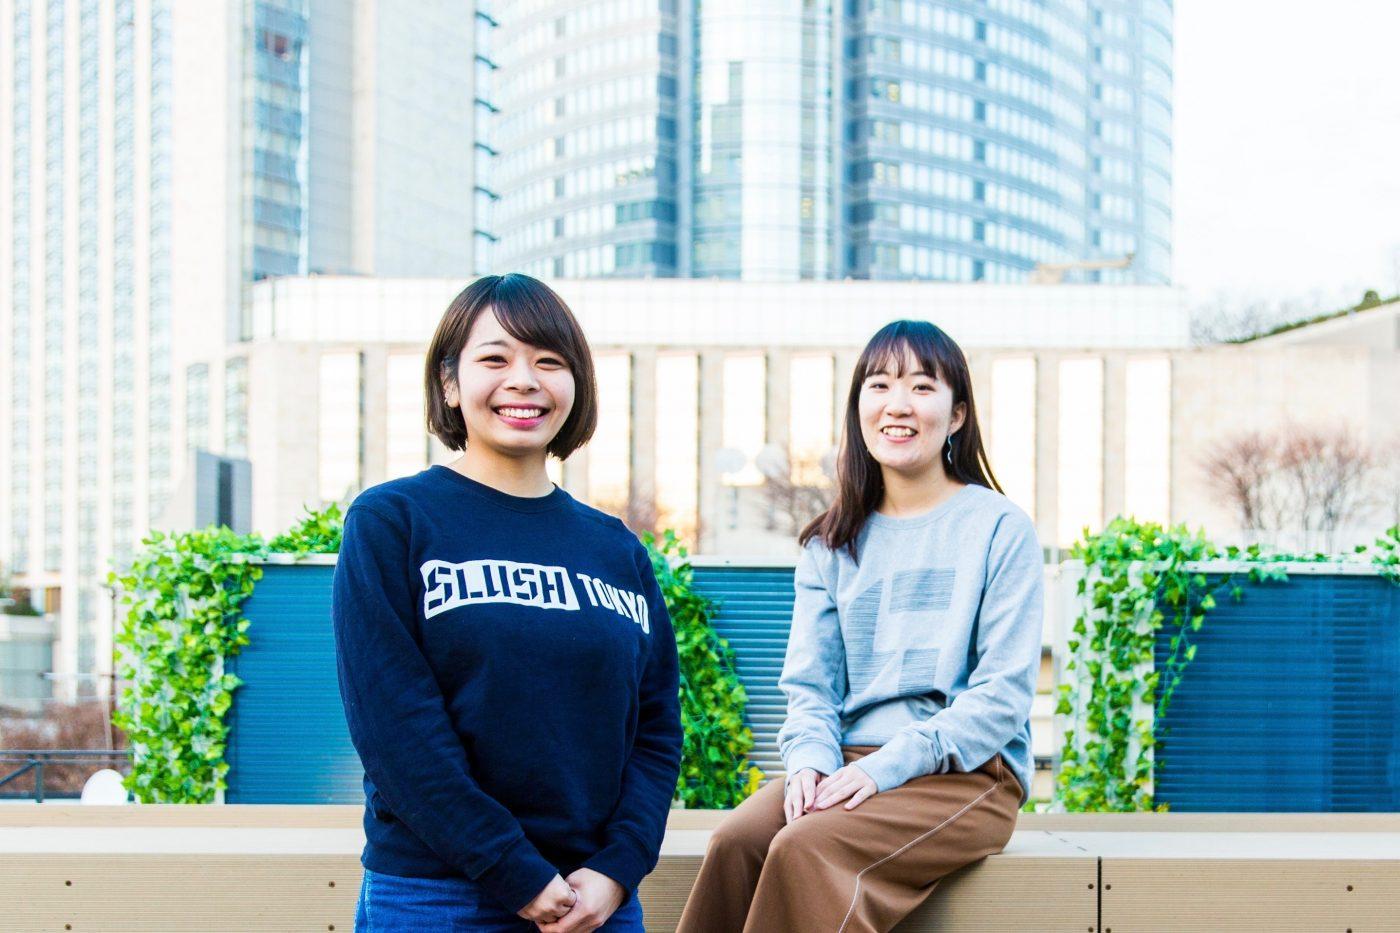 挑戦する日本人を増やしたい。新しいCEOとCOOが語る、スタートアップの祭典「Slush Tokyo」